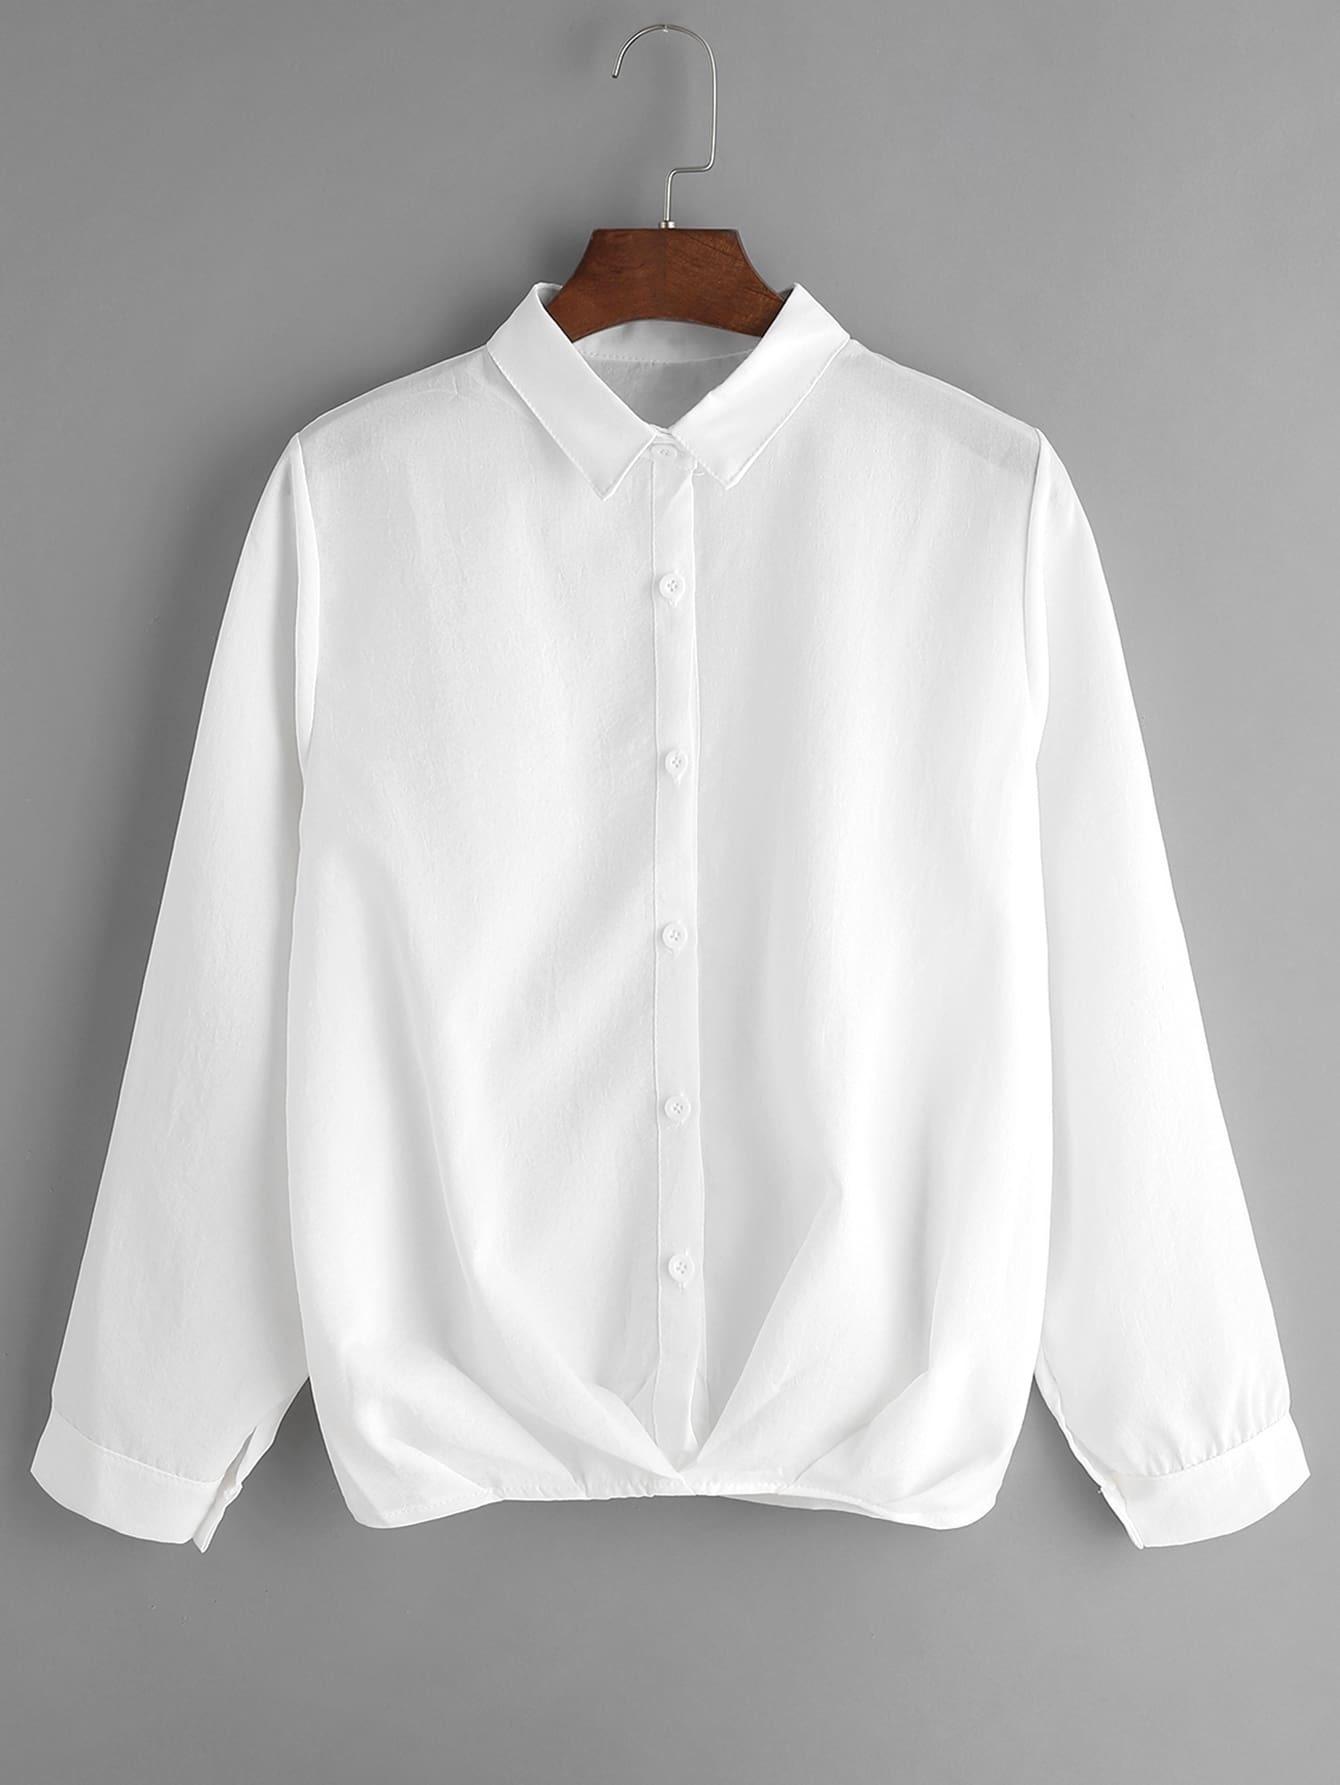 Белые Блузки Купить Недорого